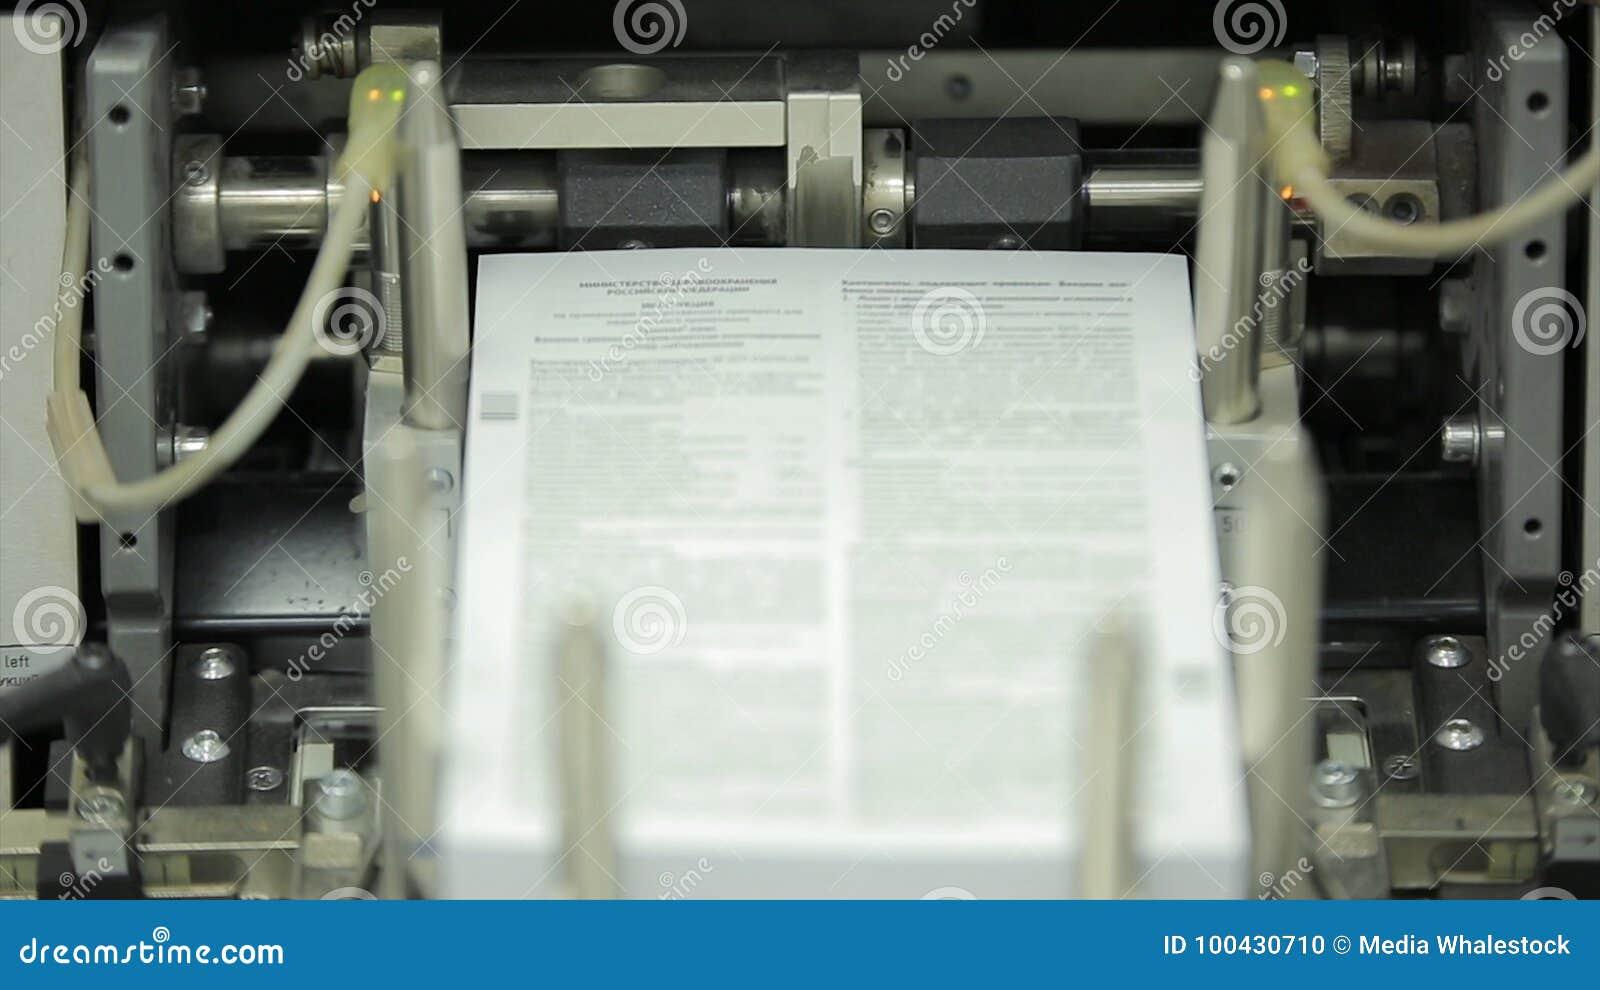 在印刷厂里加工工作,测谎器产业-清洁设备,正面图 排序的特别设备